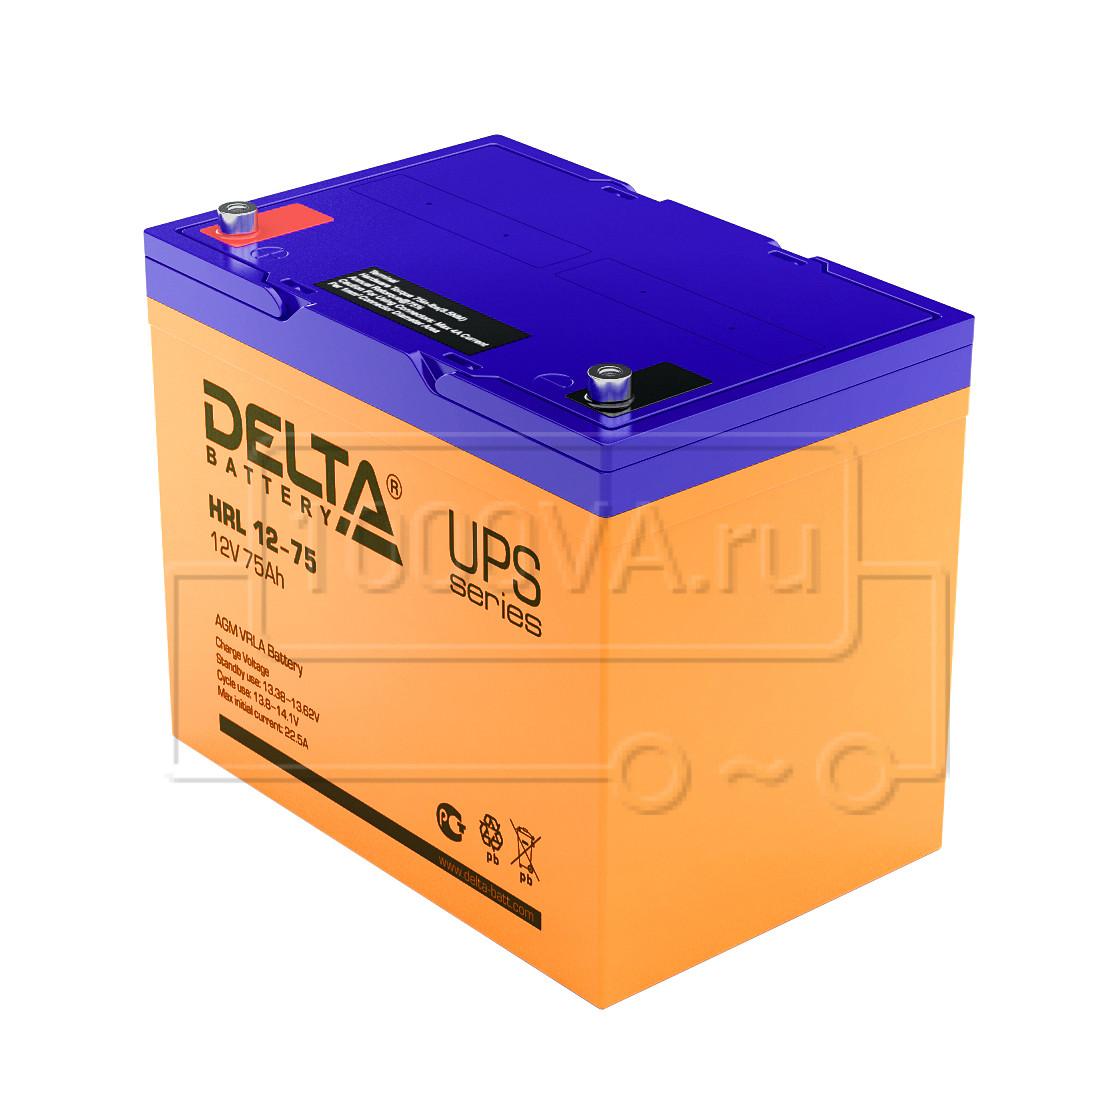 Аккумуляторная батарея Delta HRL 12-55 (12В, 55Ач